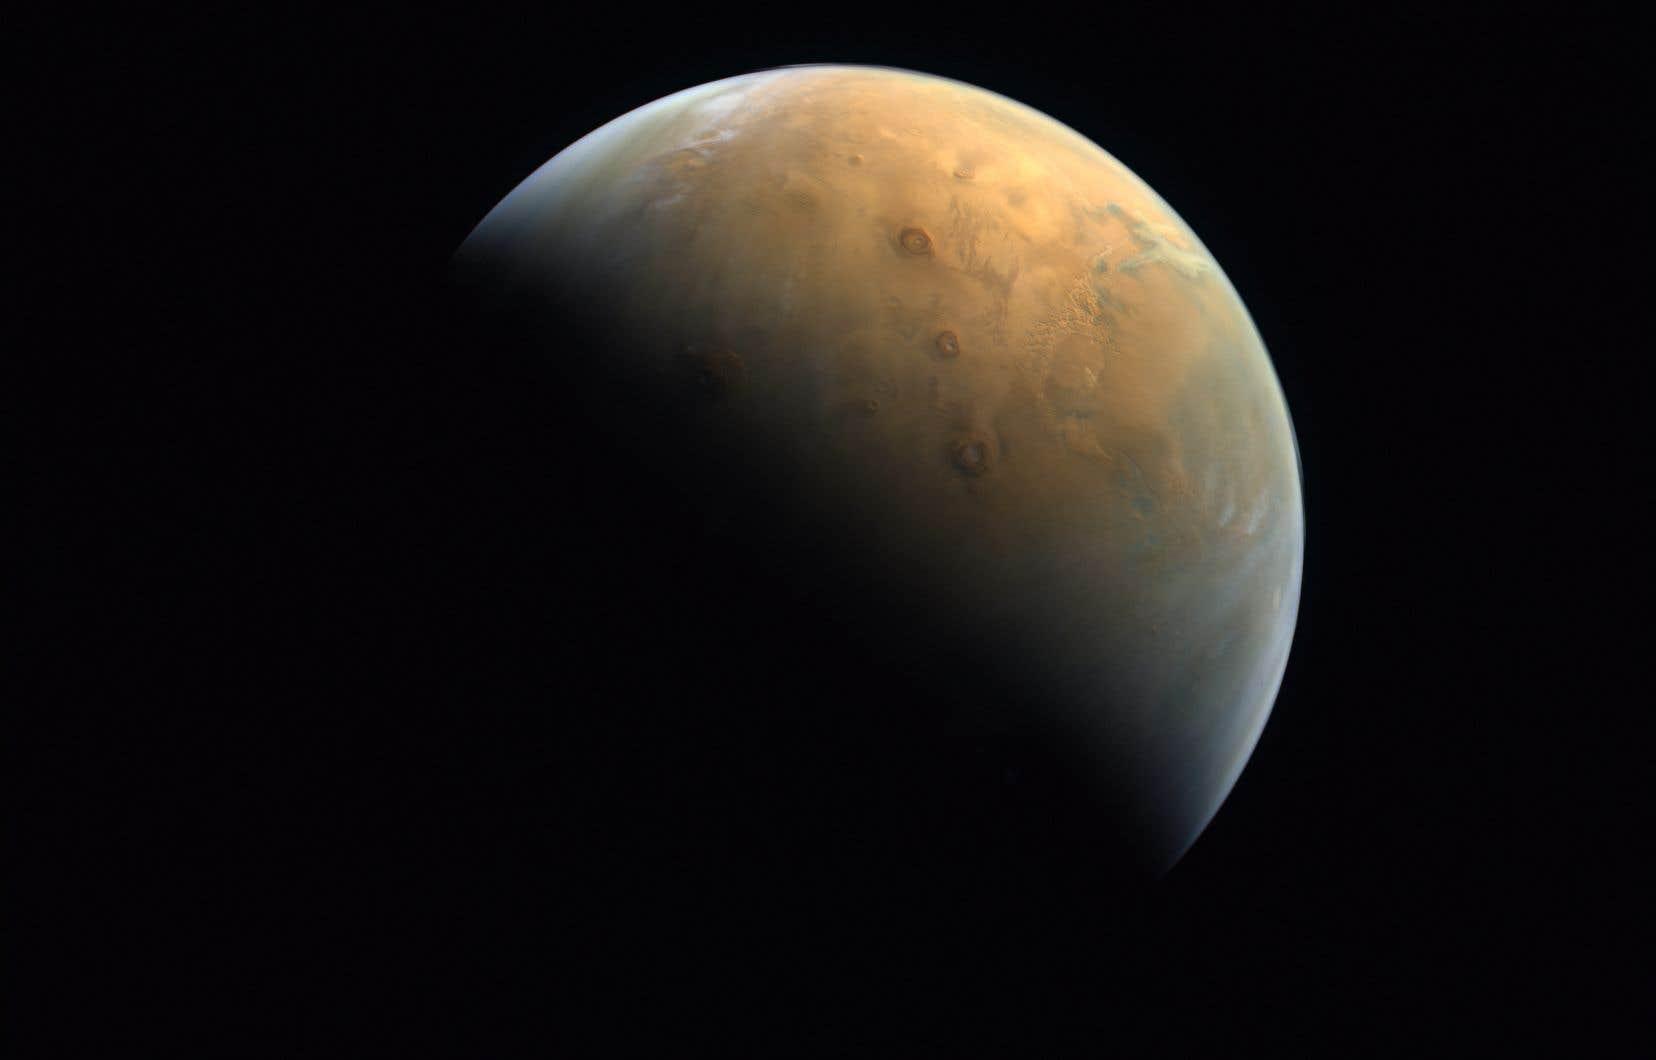 Une photo de la planète Mars fournie dimanche par l'Agence spatiale des Émirats arabes unis (UAESA). Leur sonde, baptisée Al Amal, a réussi ce week-end son insertion en orbite martienne.